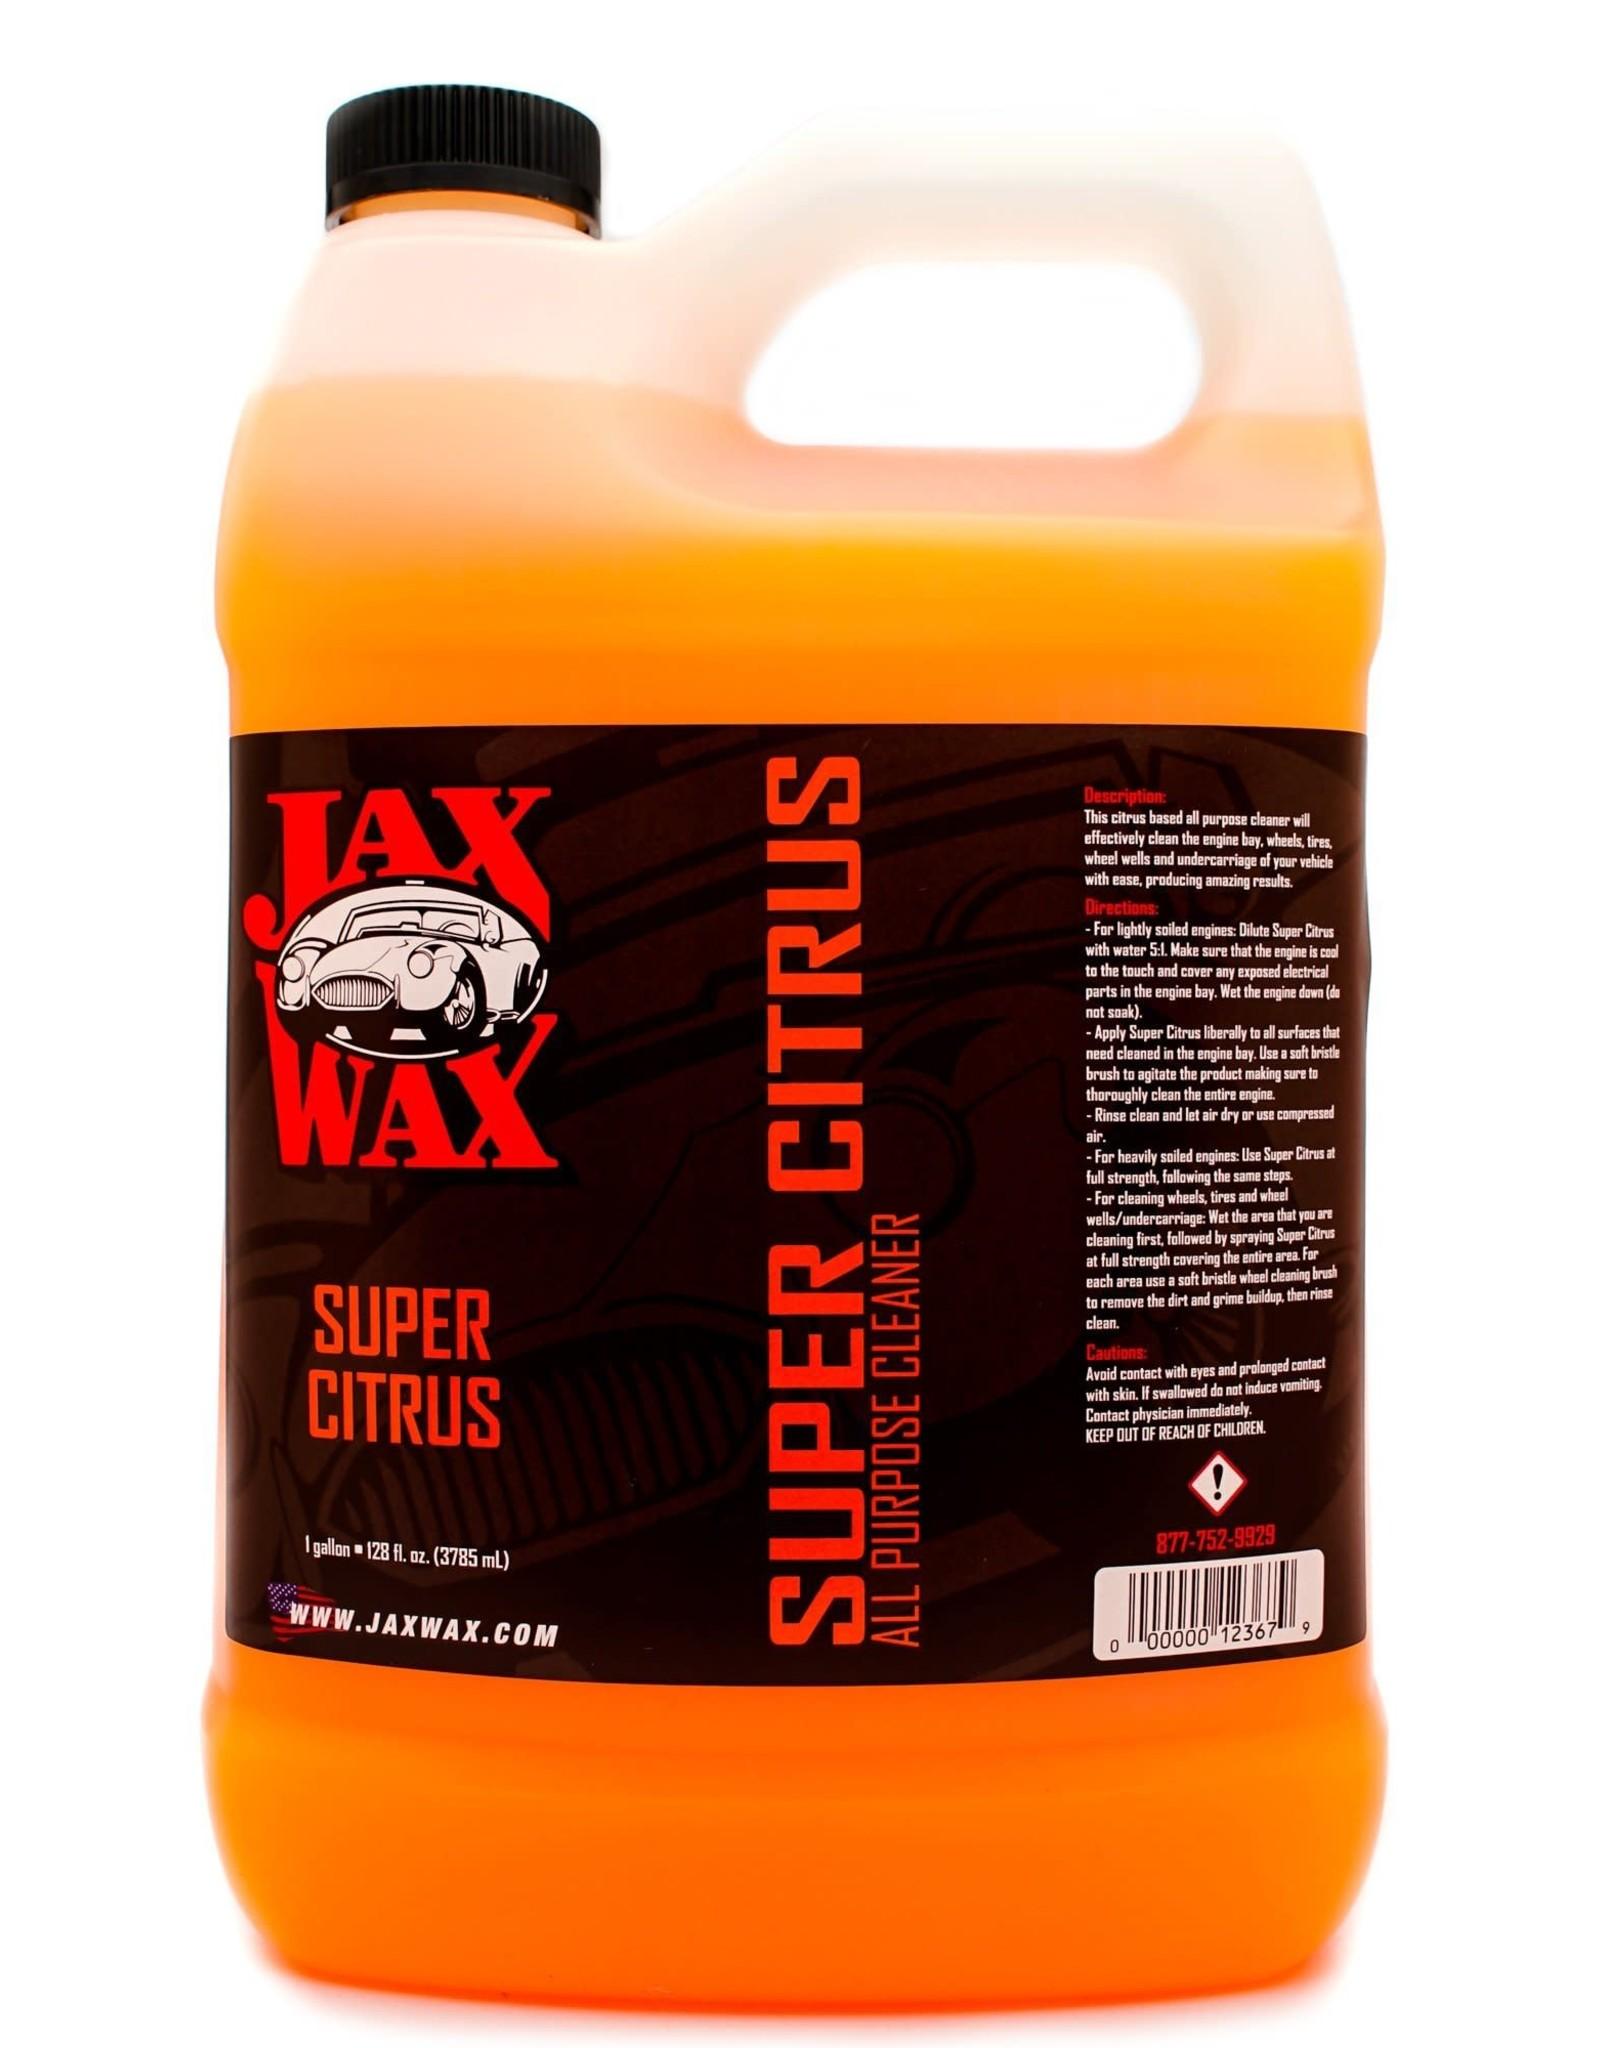 Super Citrus Gallon